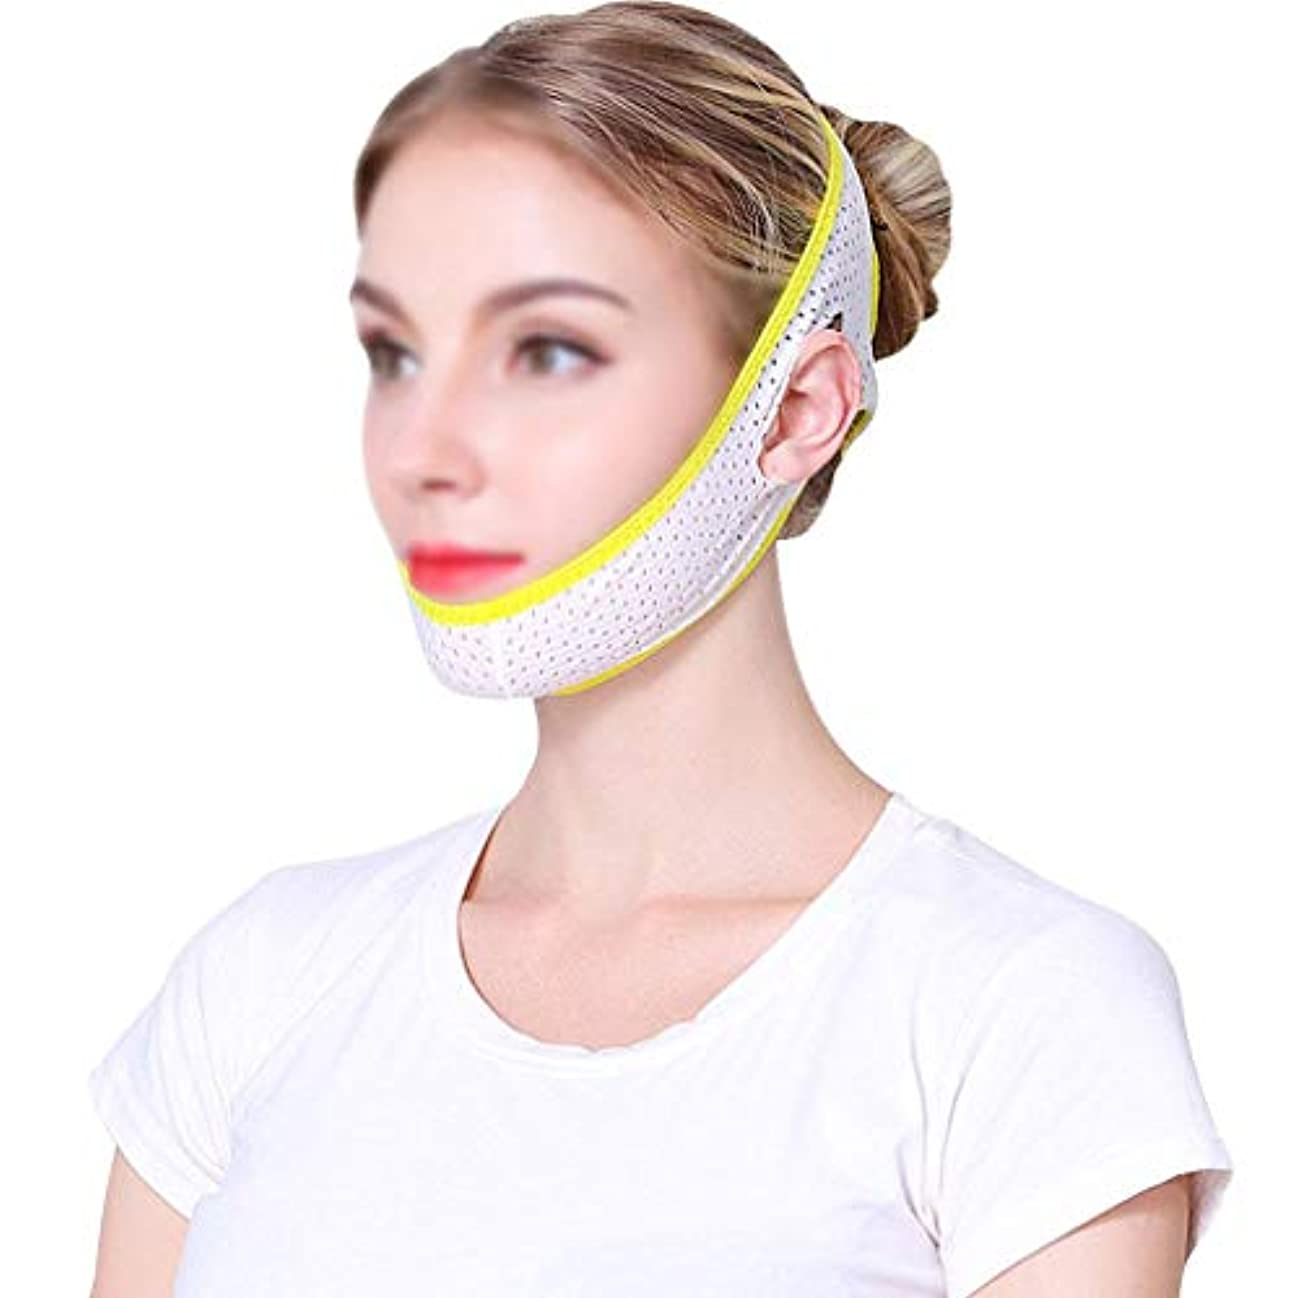 練るあなたが良くなりますナプキンリフトマスクマスク、夏の通気性の薄いセクションダブルチンストラップVフェイス薄いフェイスマスク